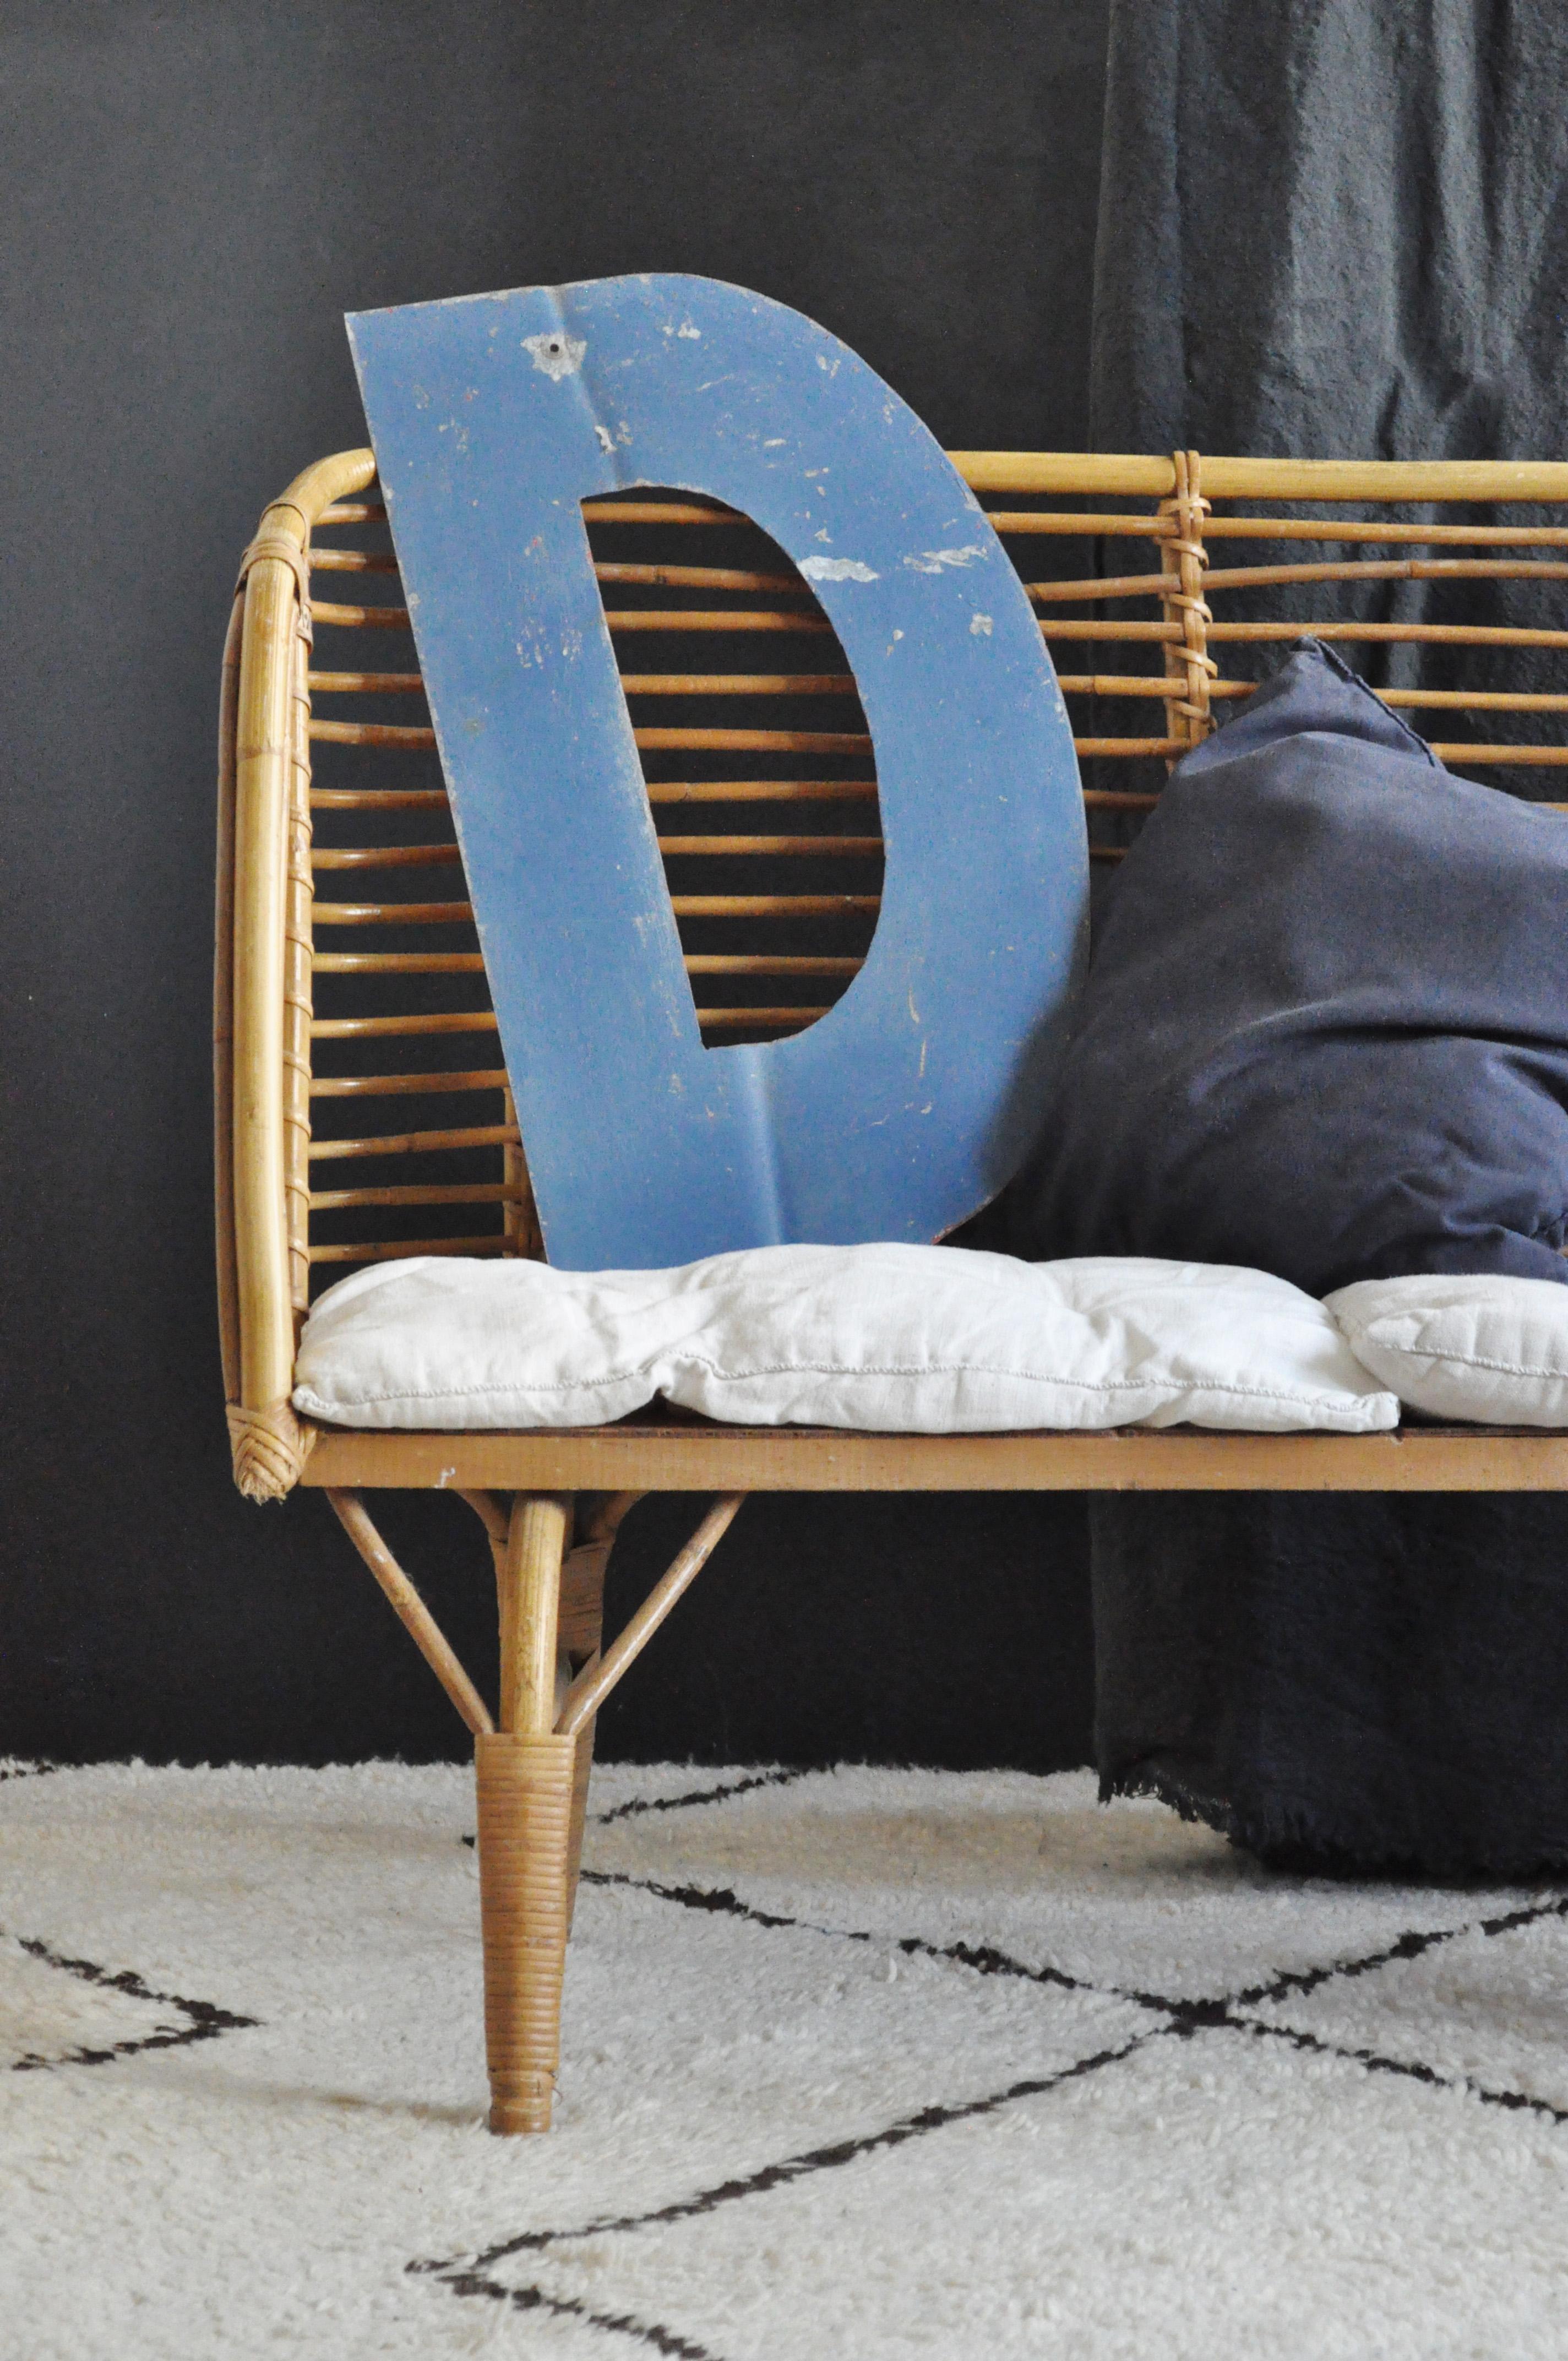 lettre d enseigne d le vide grenier d 39 une parisienne. Black Bedroom Furniture Sets. Home Design Ideas